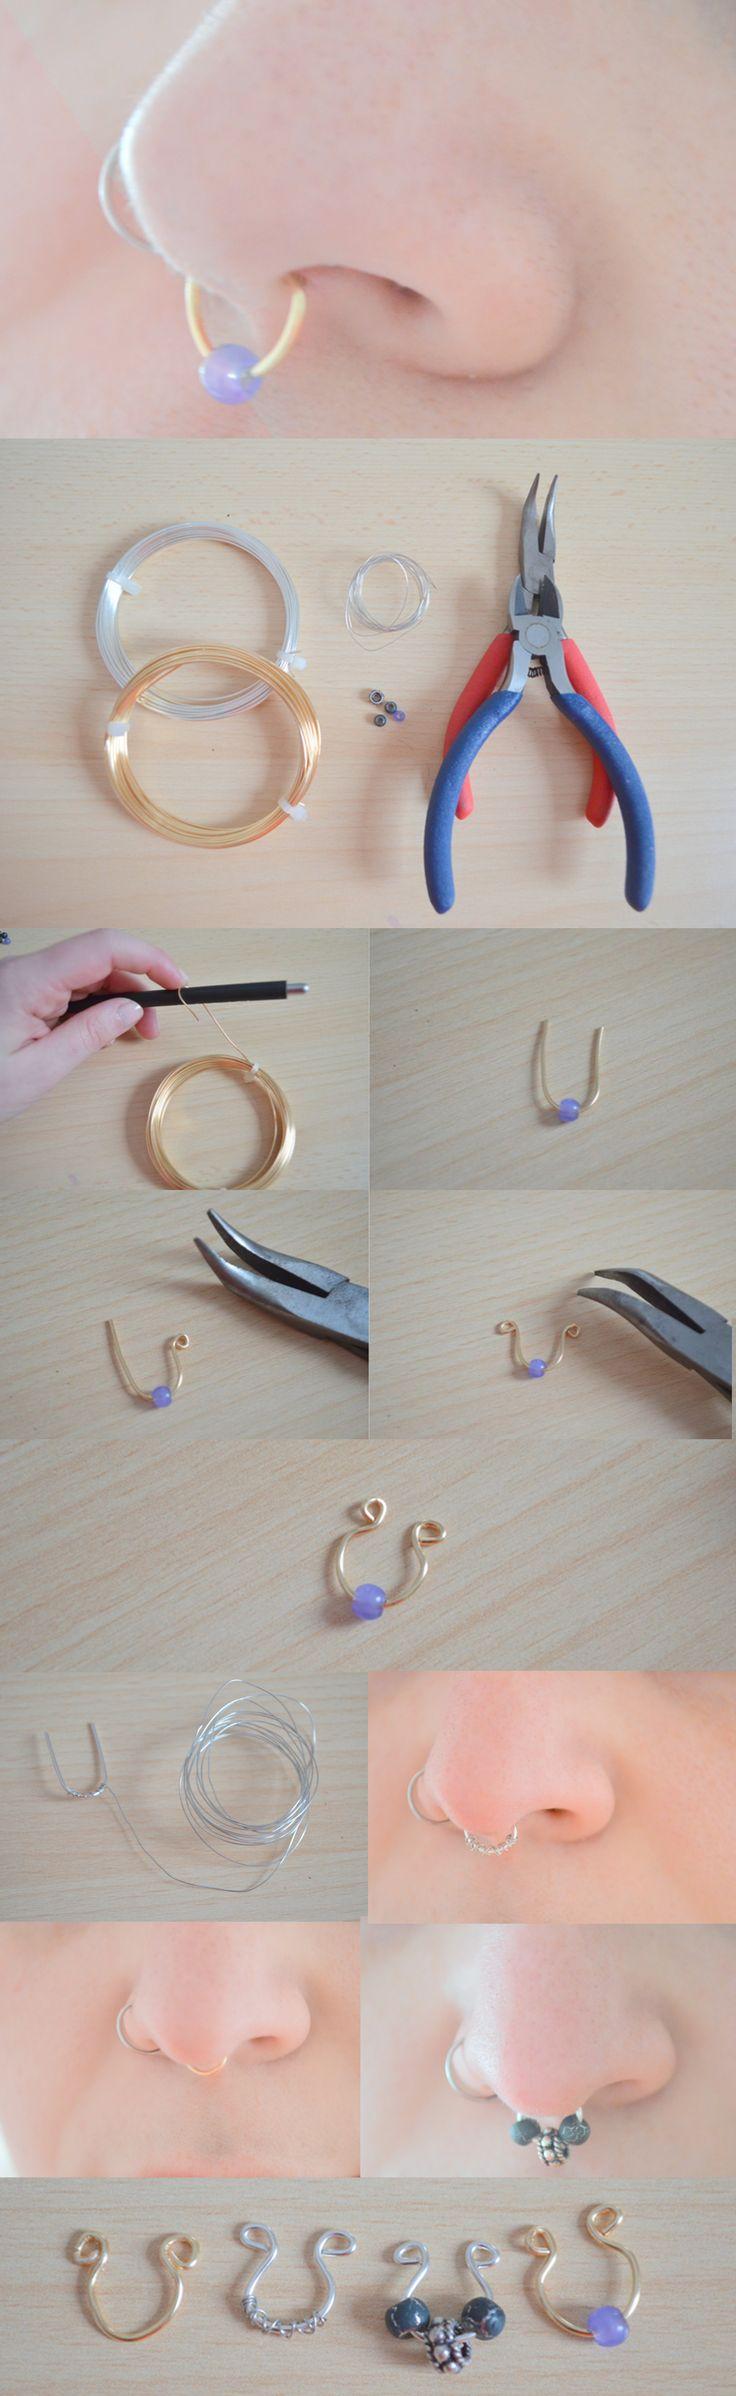 DIY : http://leheaumedelamort.blogspot.fr/2015/03/diy-les-faux-bijoux-de-septum.html